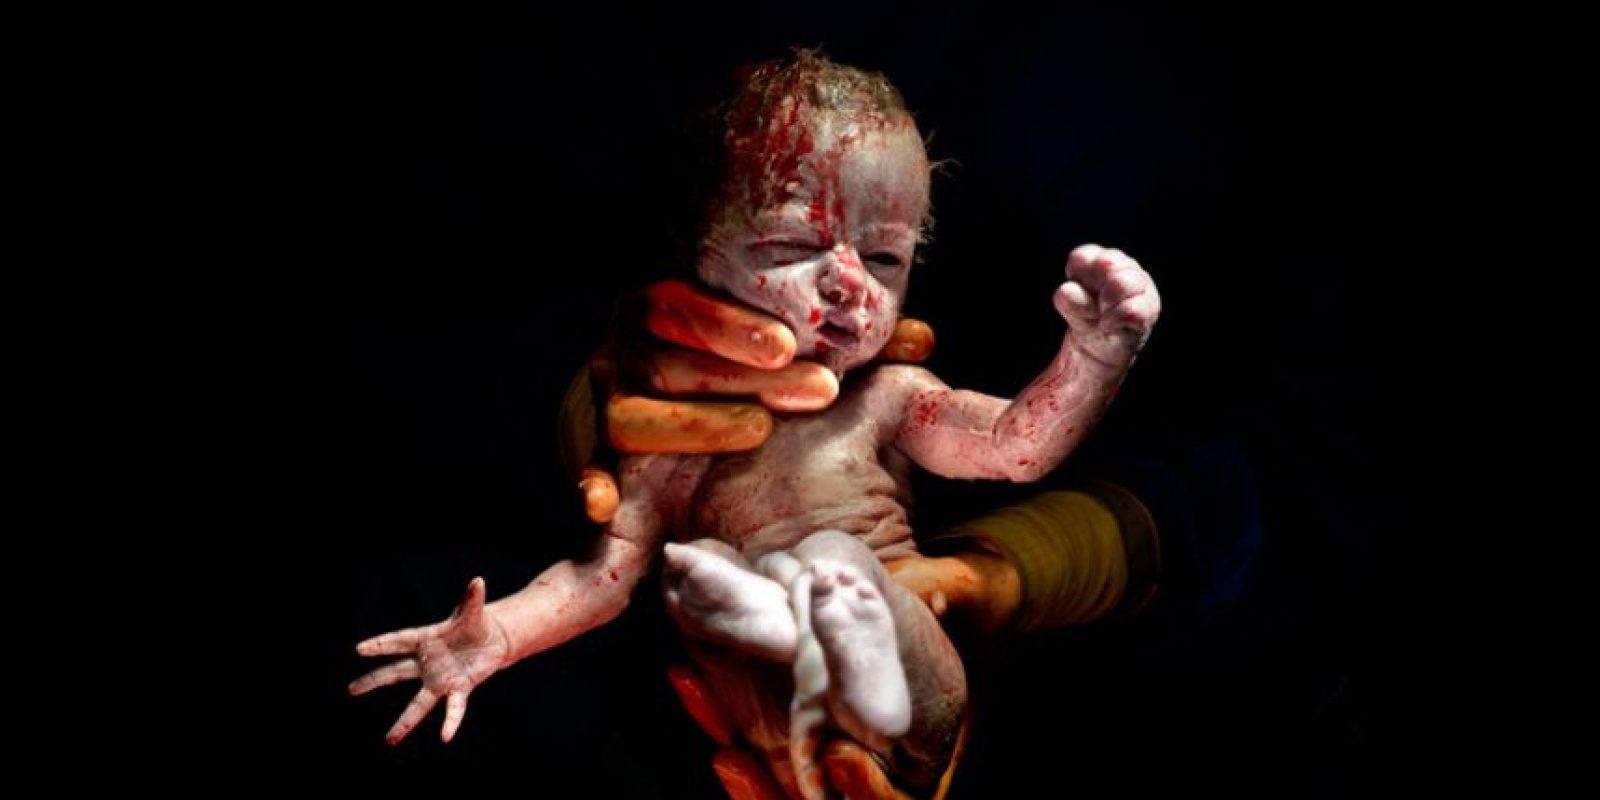 Nacido abril 8, 2014 a las 8:31 am 1kg 745 – 13 segundos de vida Foto:Christian Berthelot